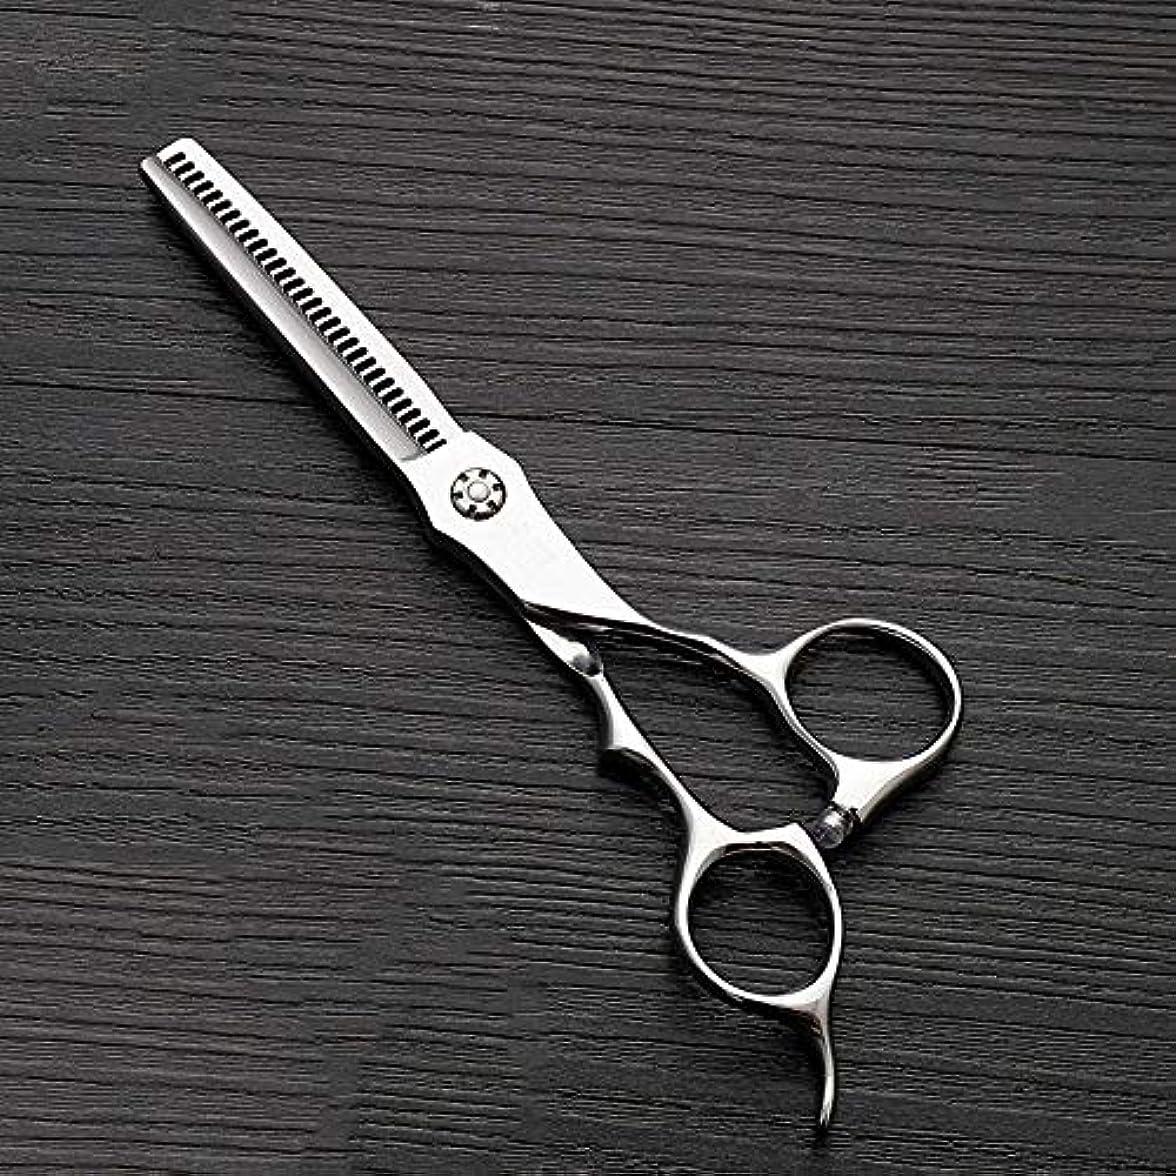 電気的糞降下6インチのステンレス鋼の歯のせん断の薄くする理髪はさみ、美容院の特別なはさみ ヘアケア (色 : Silver)